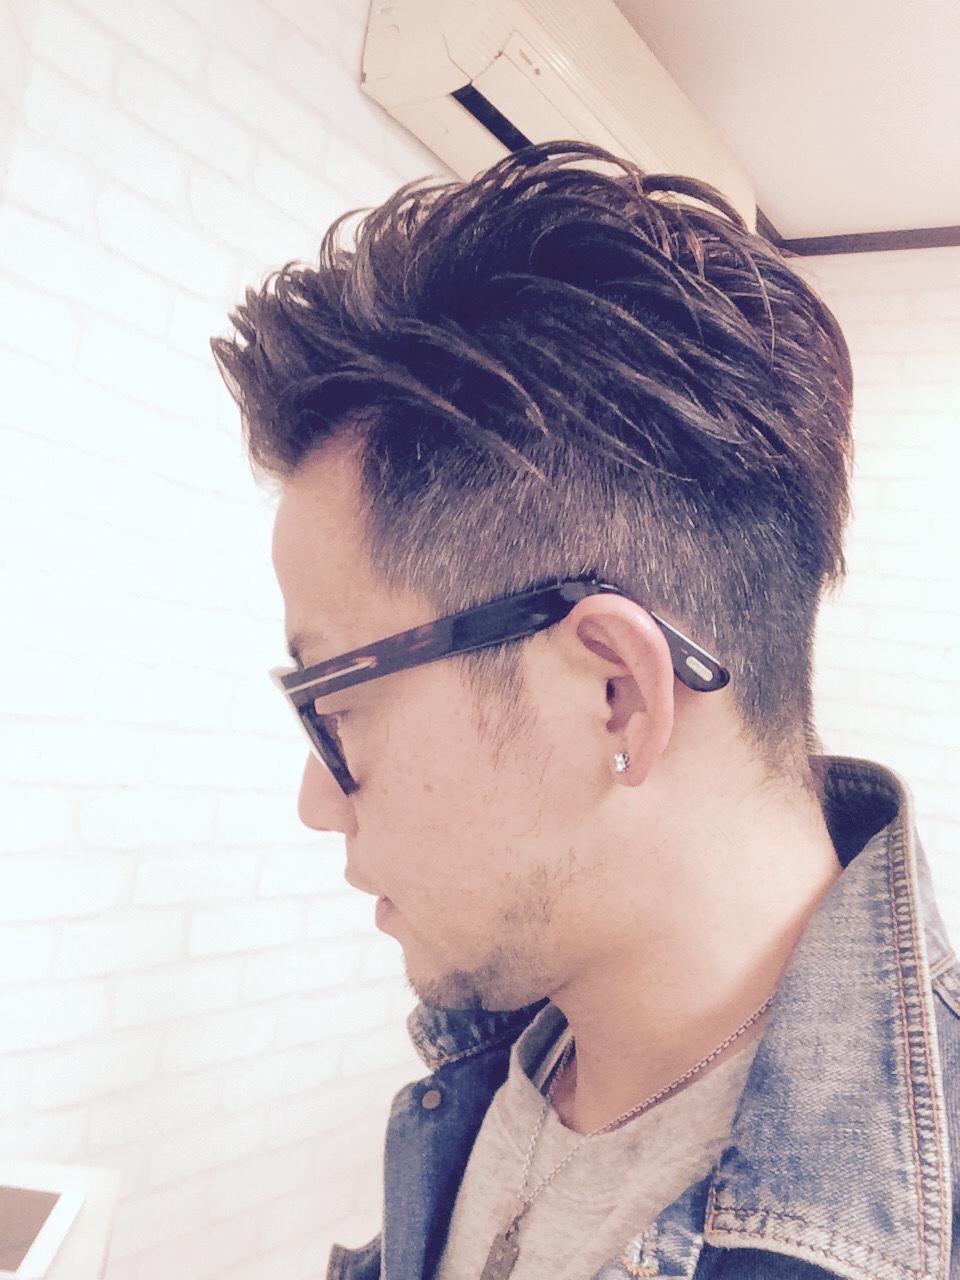 【モテたい男必見!】メンズスタイルの流行キーワード